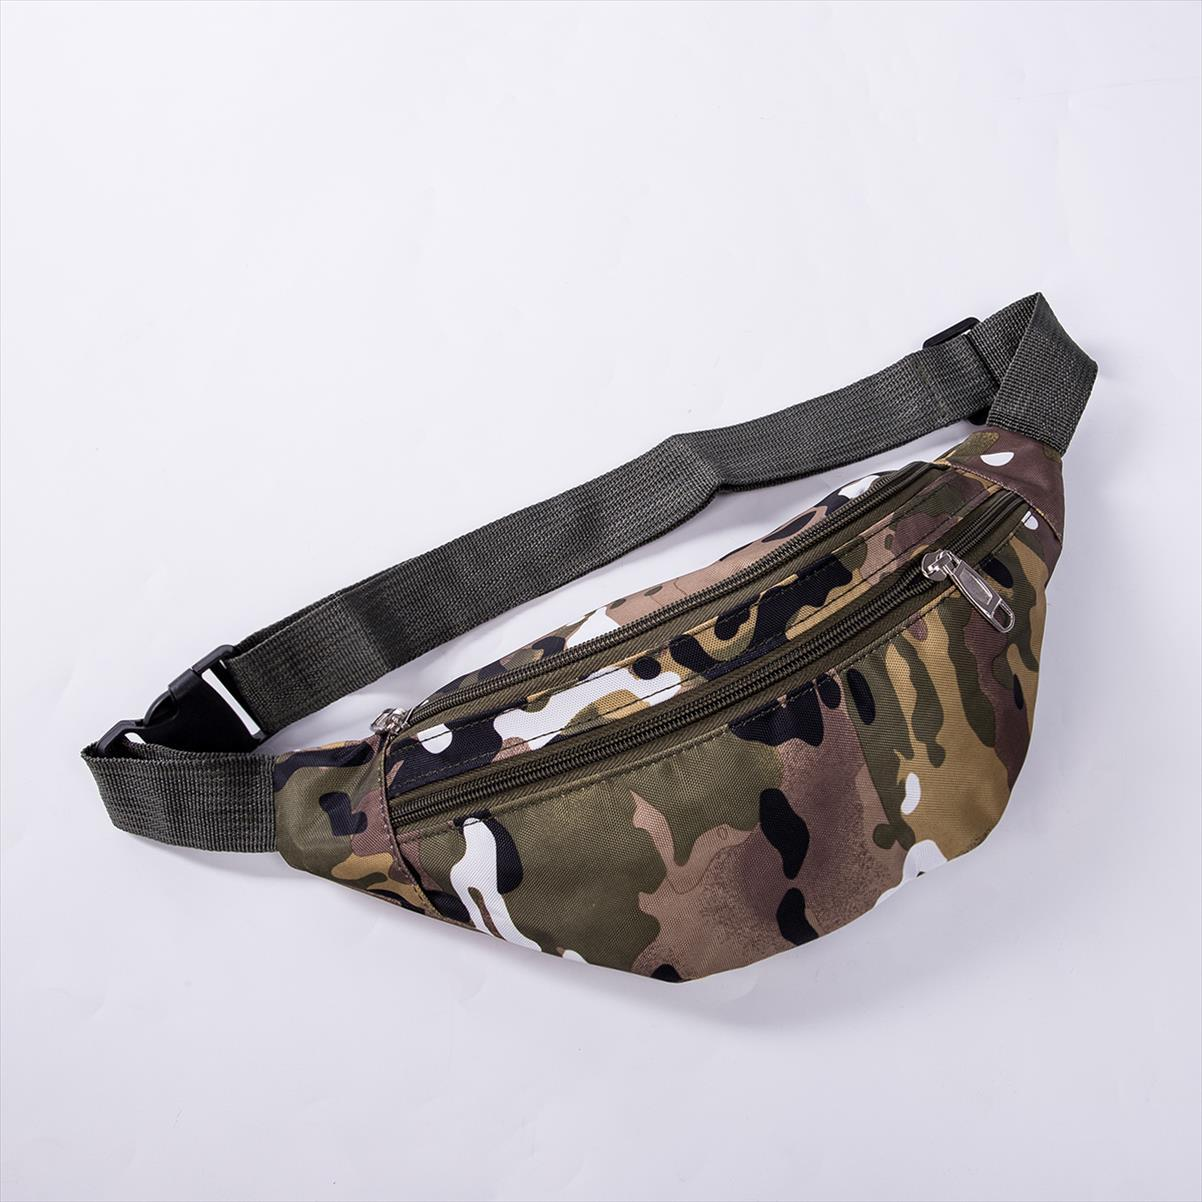 2019 Reise-Reißverschluss Tasche Bum Bumbgag Neueste Taille Geld Gürtel Hot Pouch Pass Security Wallet Camouflage Taille Packs Upflf